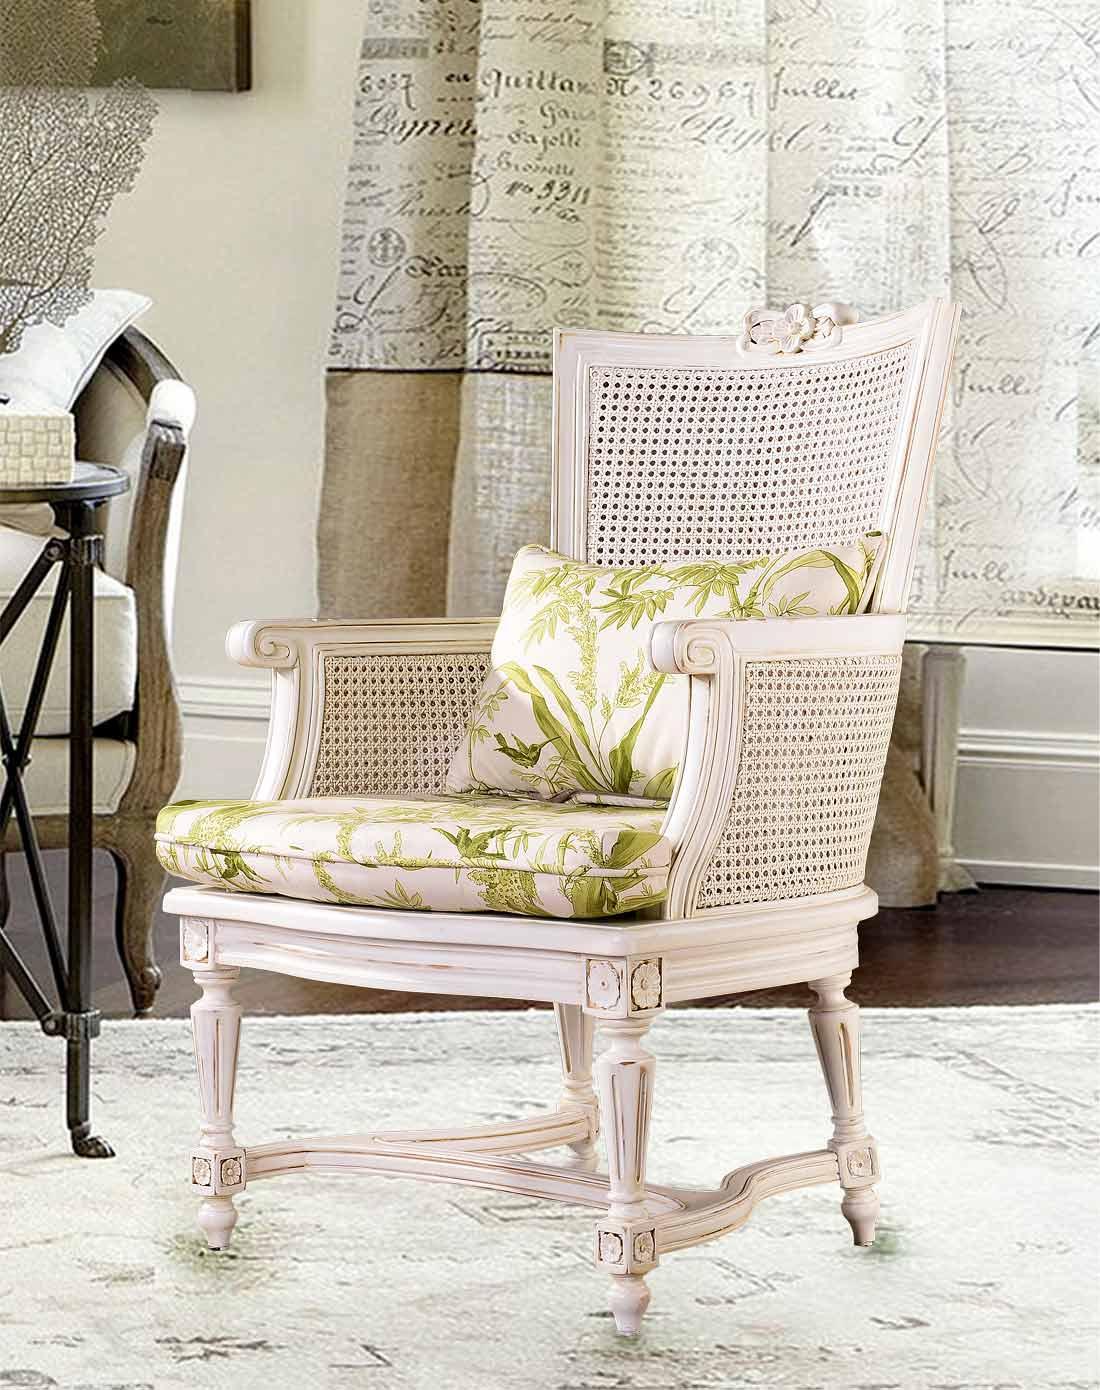 法式新古典欧洲进口白榉木家具 浅绿色花纹布艺单人沙发椅书椅